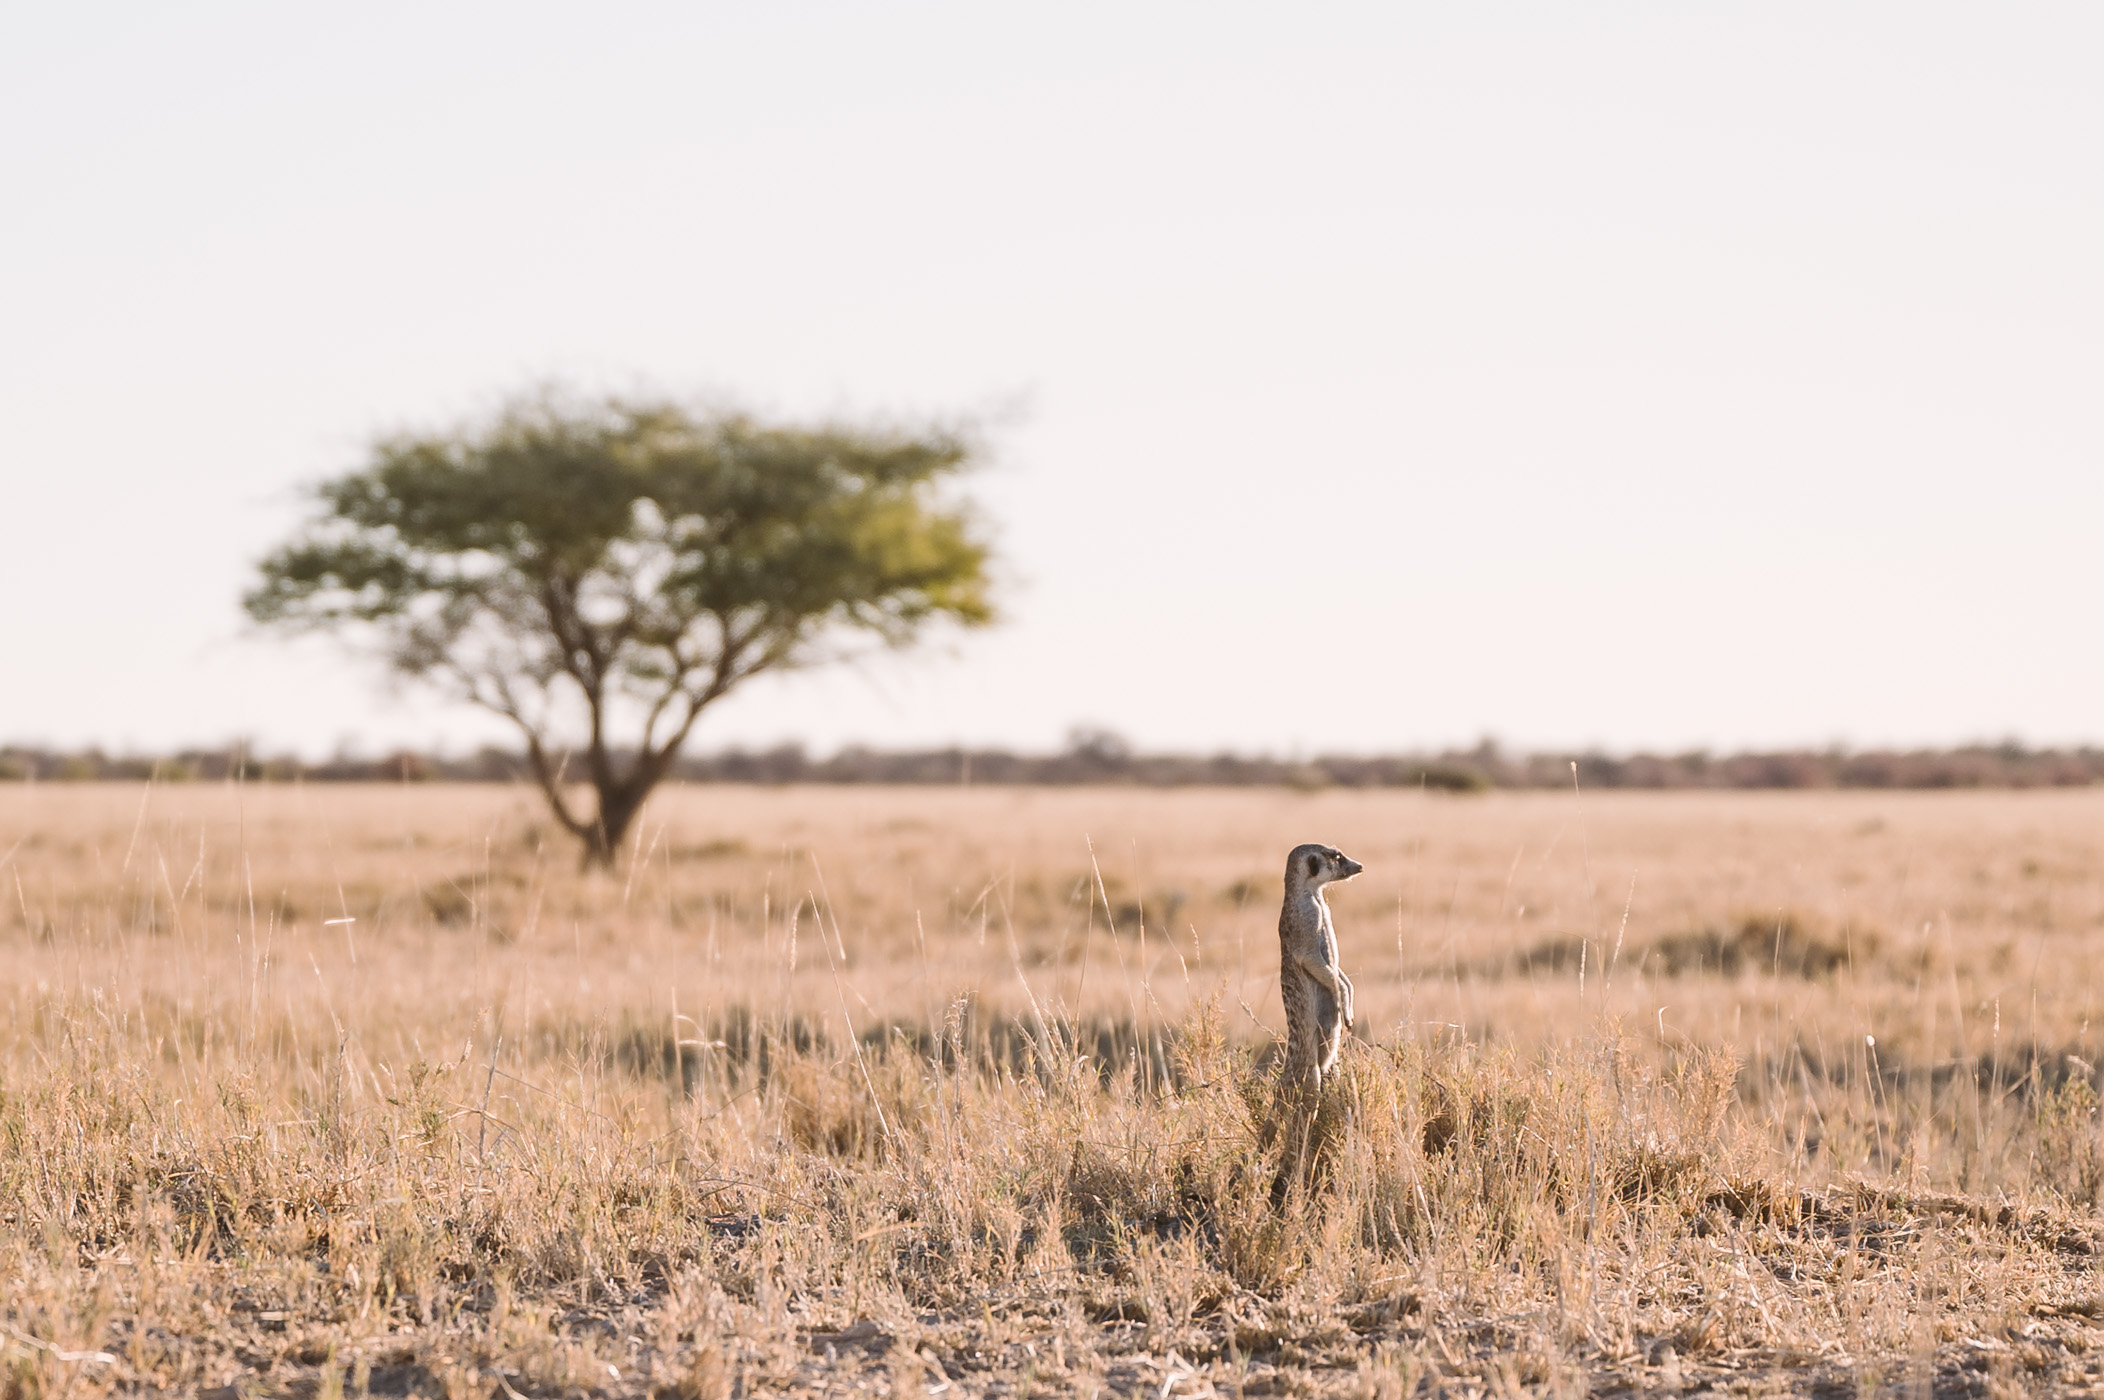 A meerkat in the Makgadikgadi in Botswana